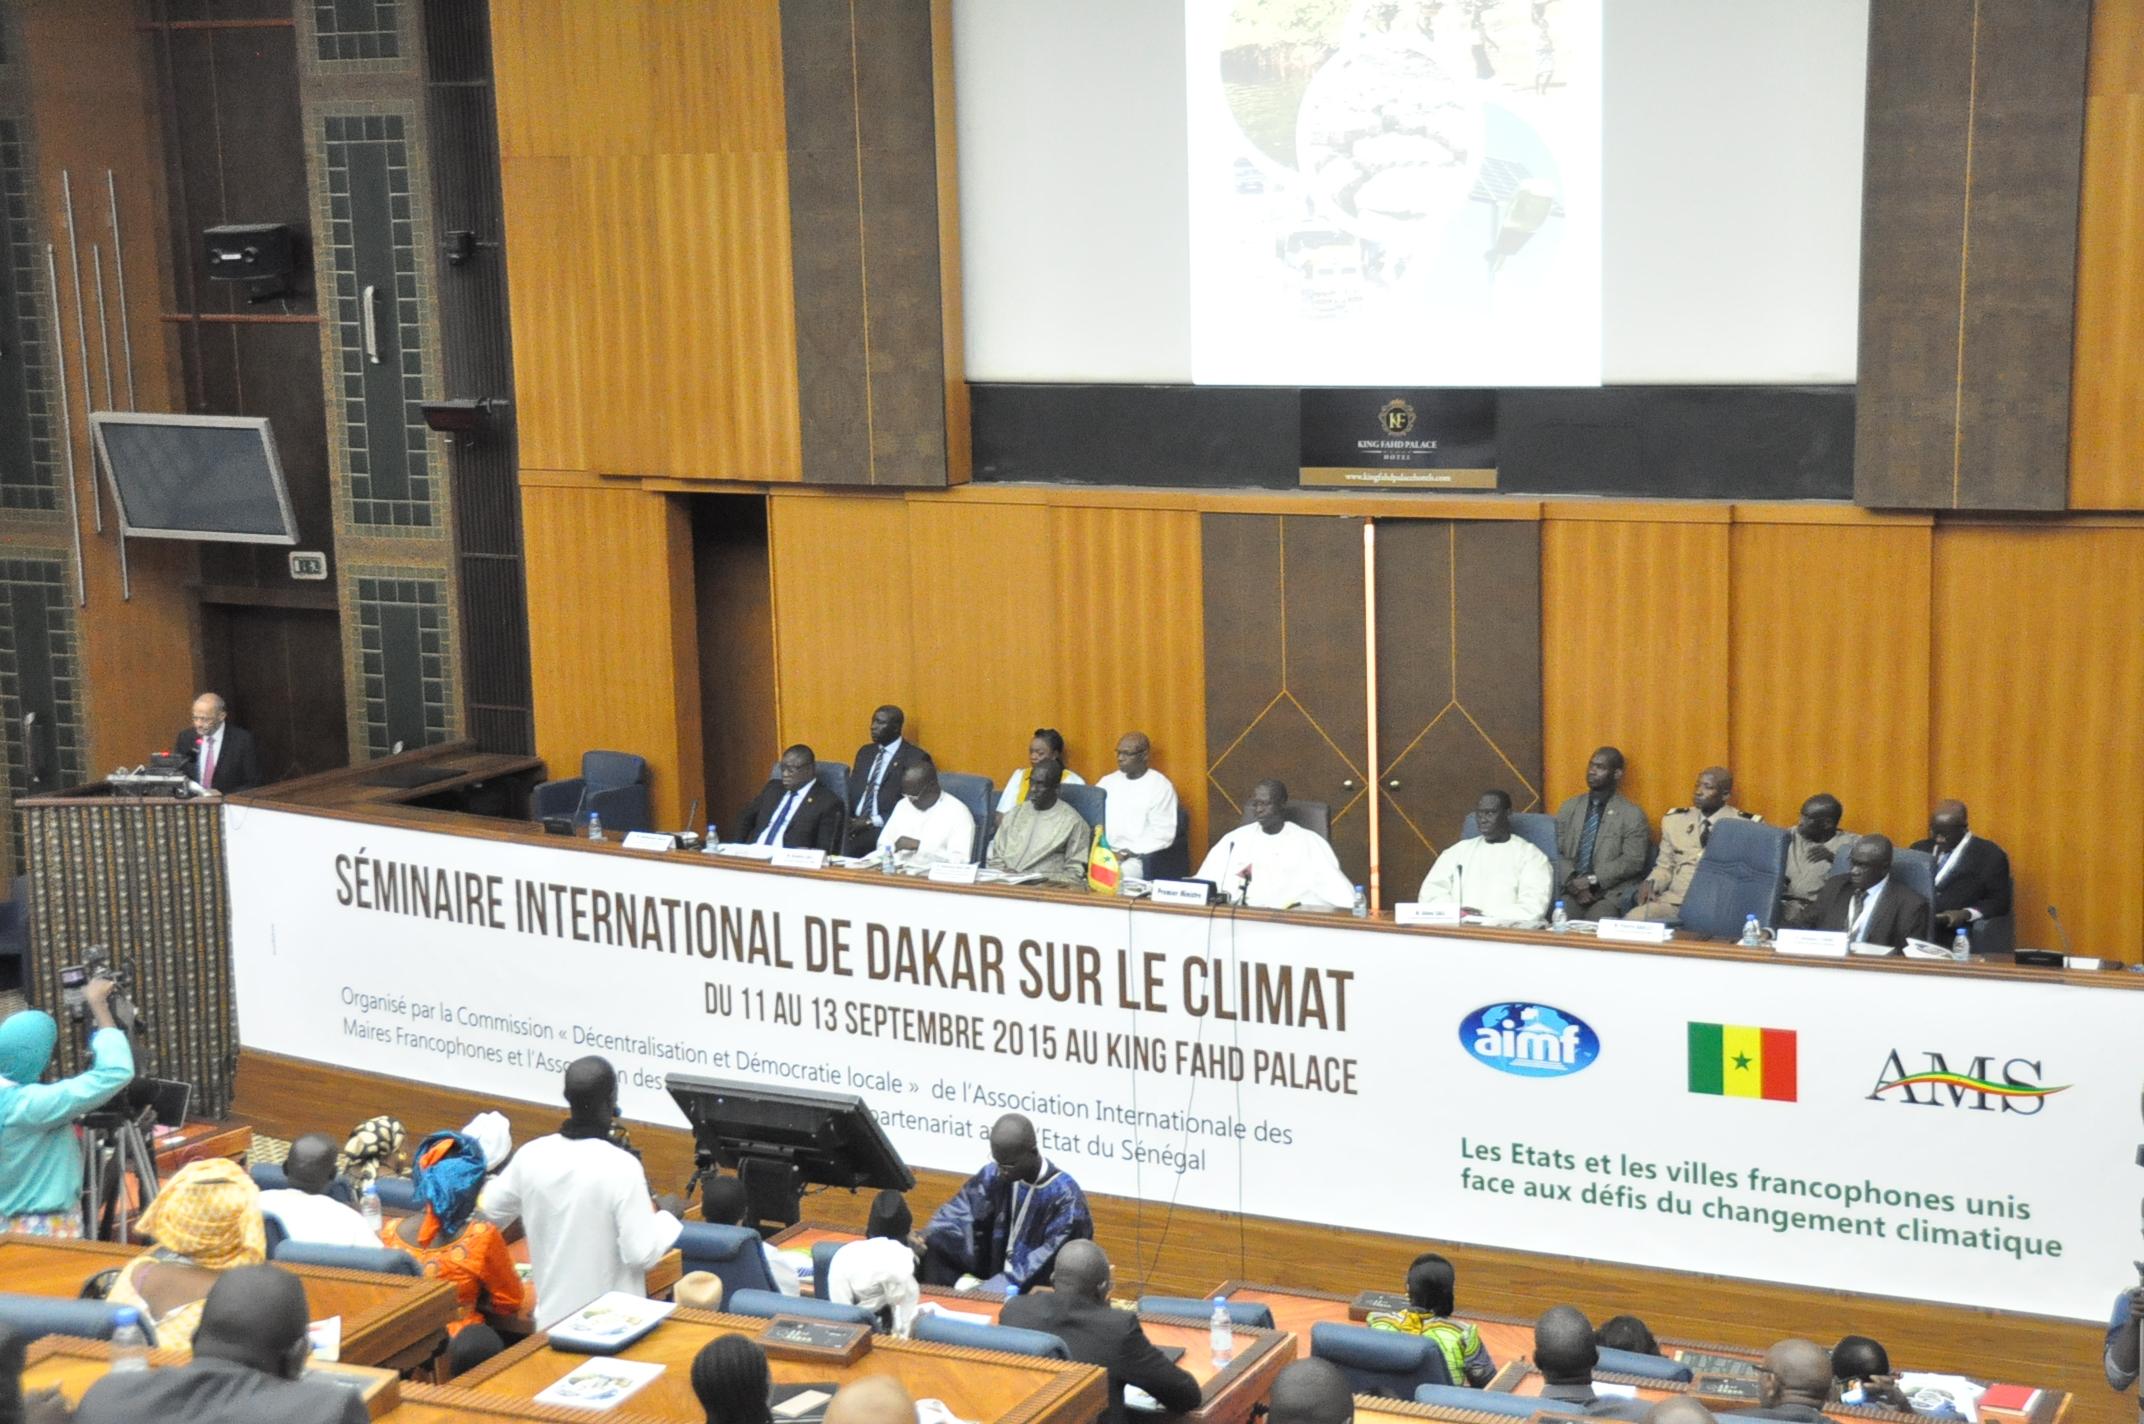 Colloque international sur les changements climatiques : Les 19 recommandations des maires francophones à l'Etat